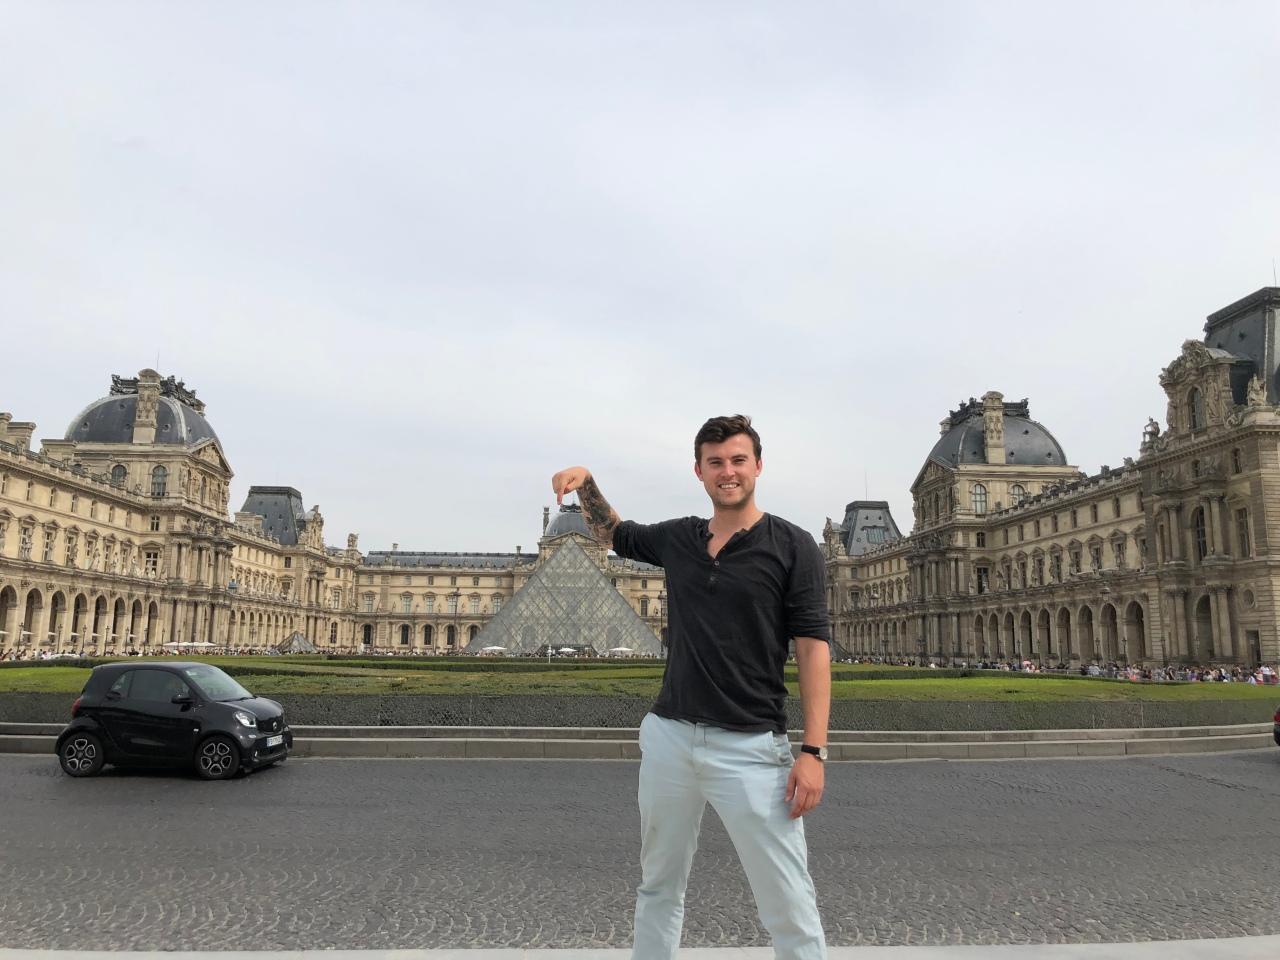 Tourist photo the Louvre Paris